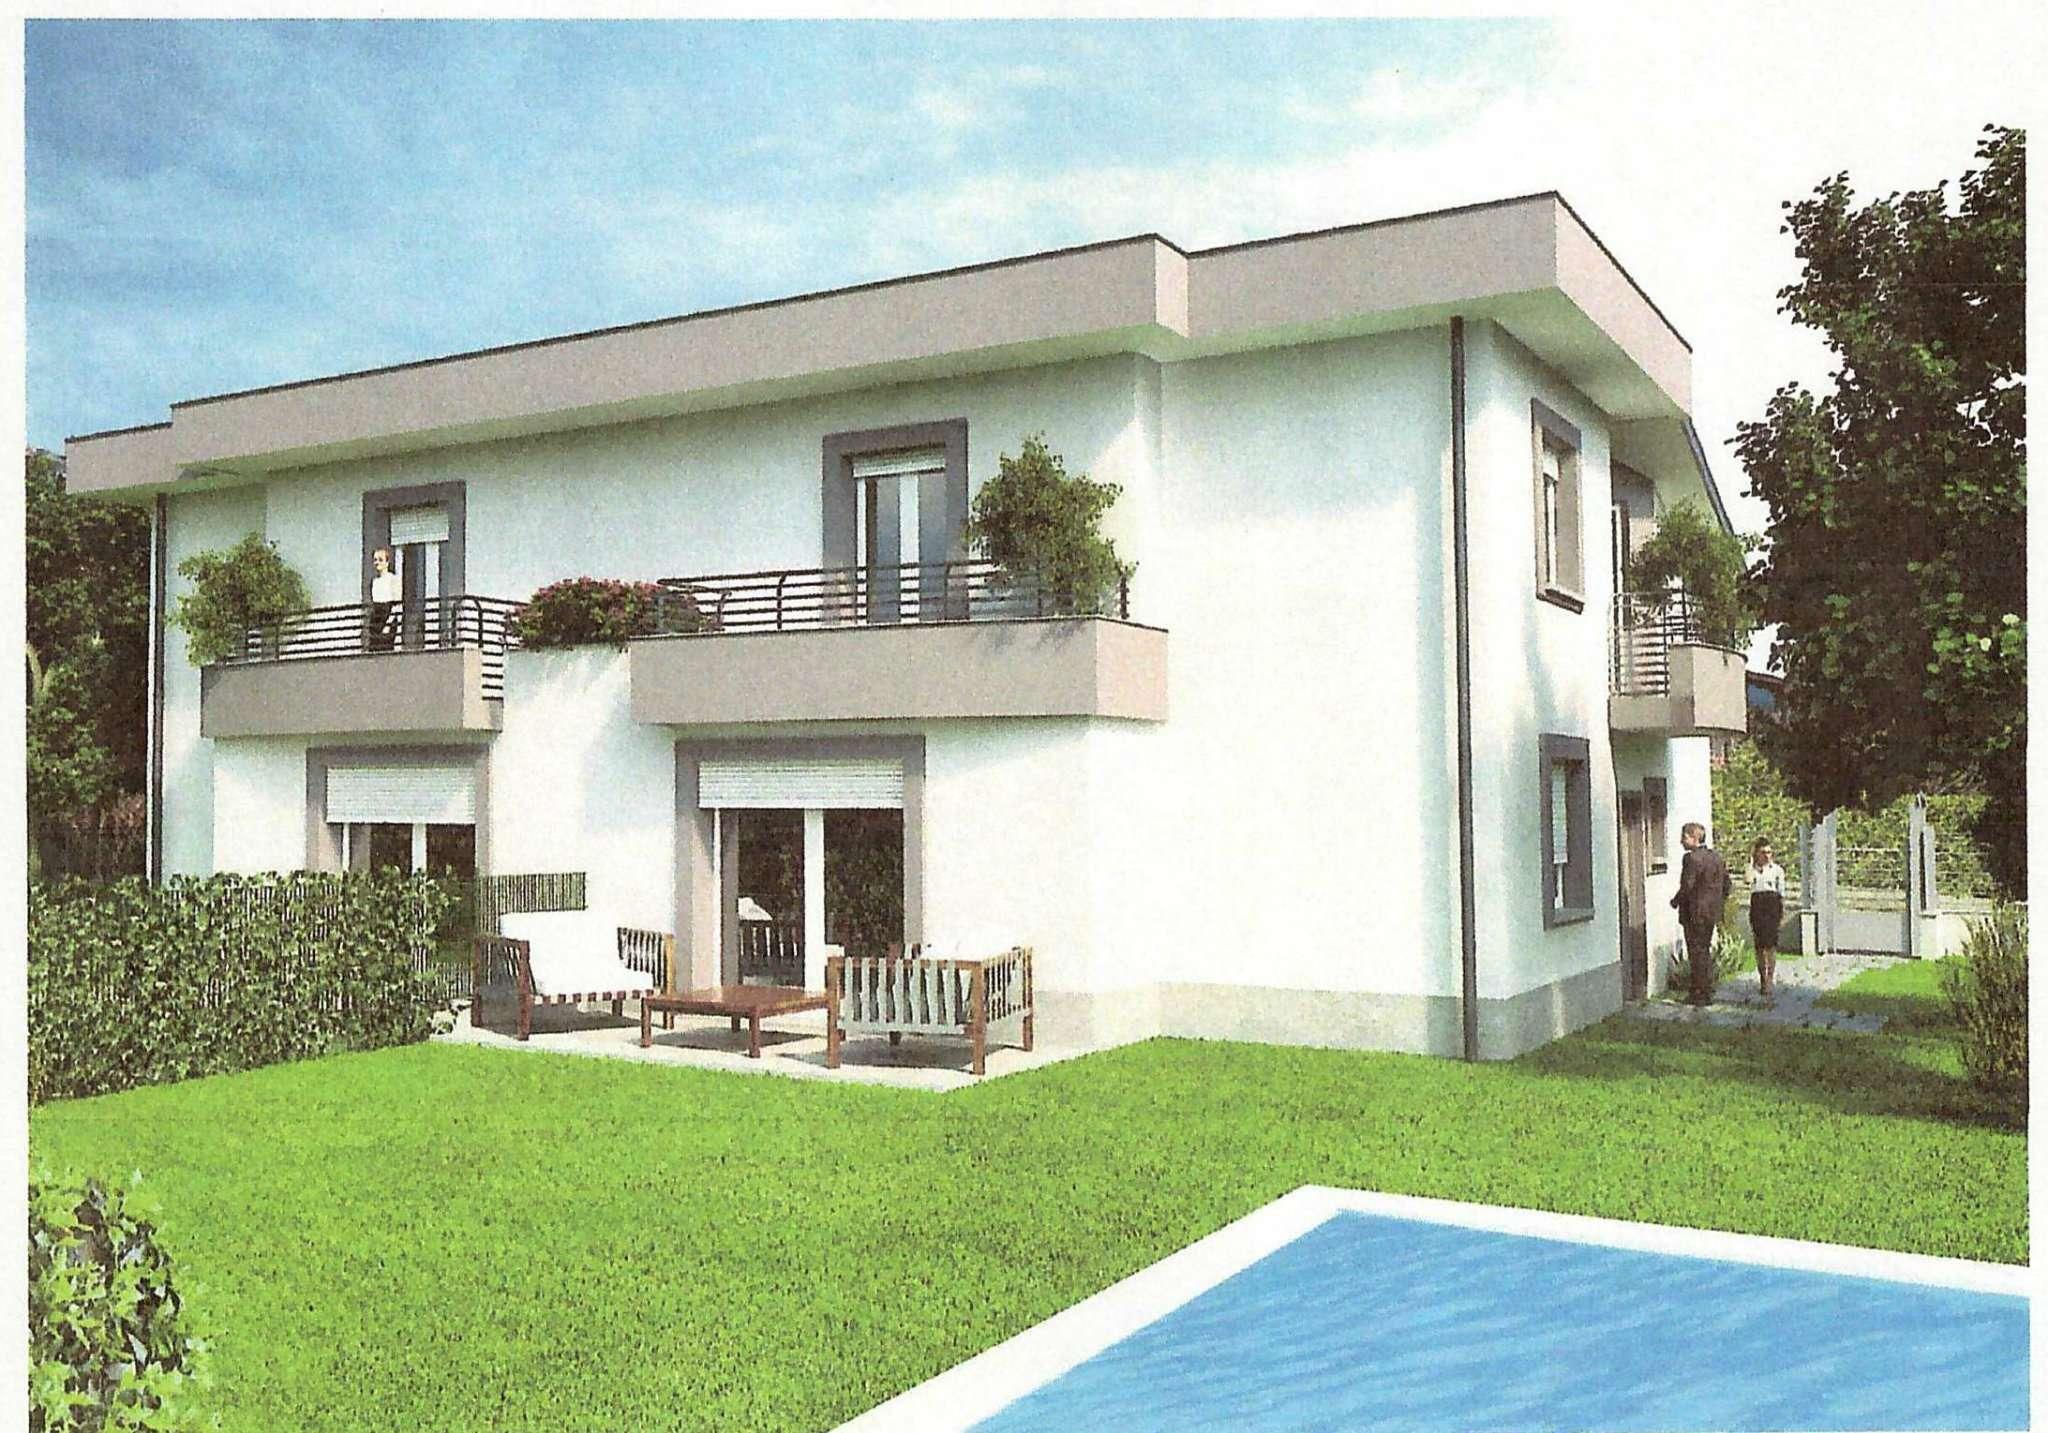 Villa in vendita a Fino Mornasco, 5 locali, prezzo € 310.000 | Cambio Casa.it